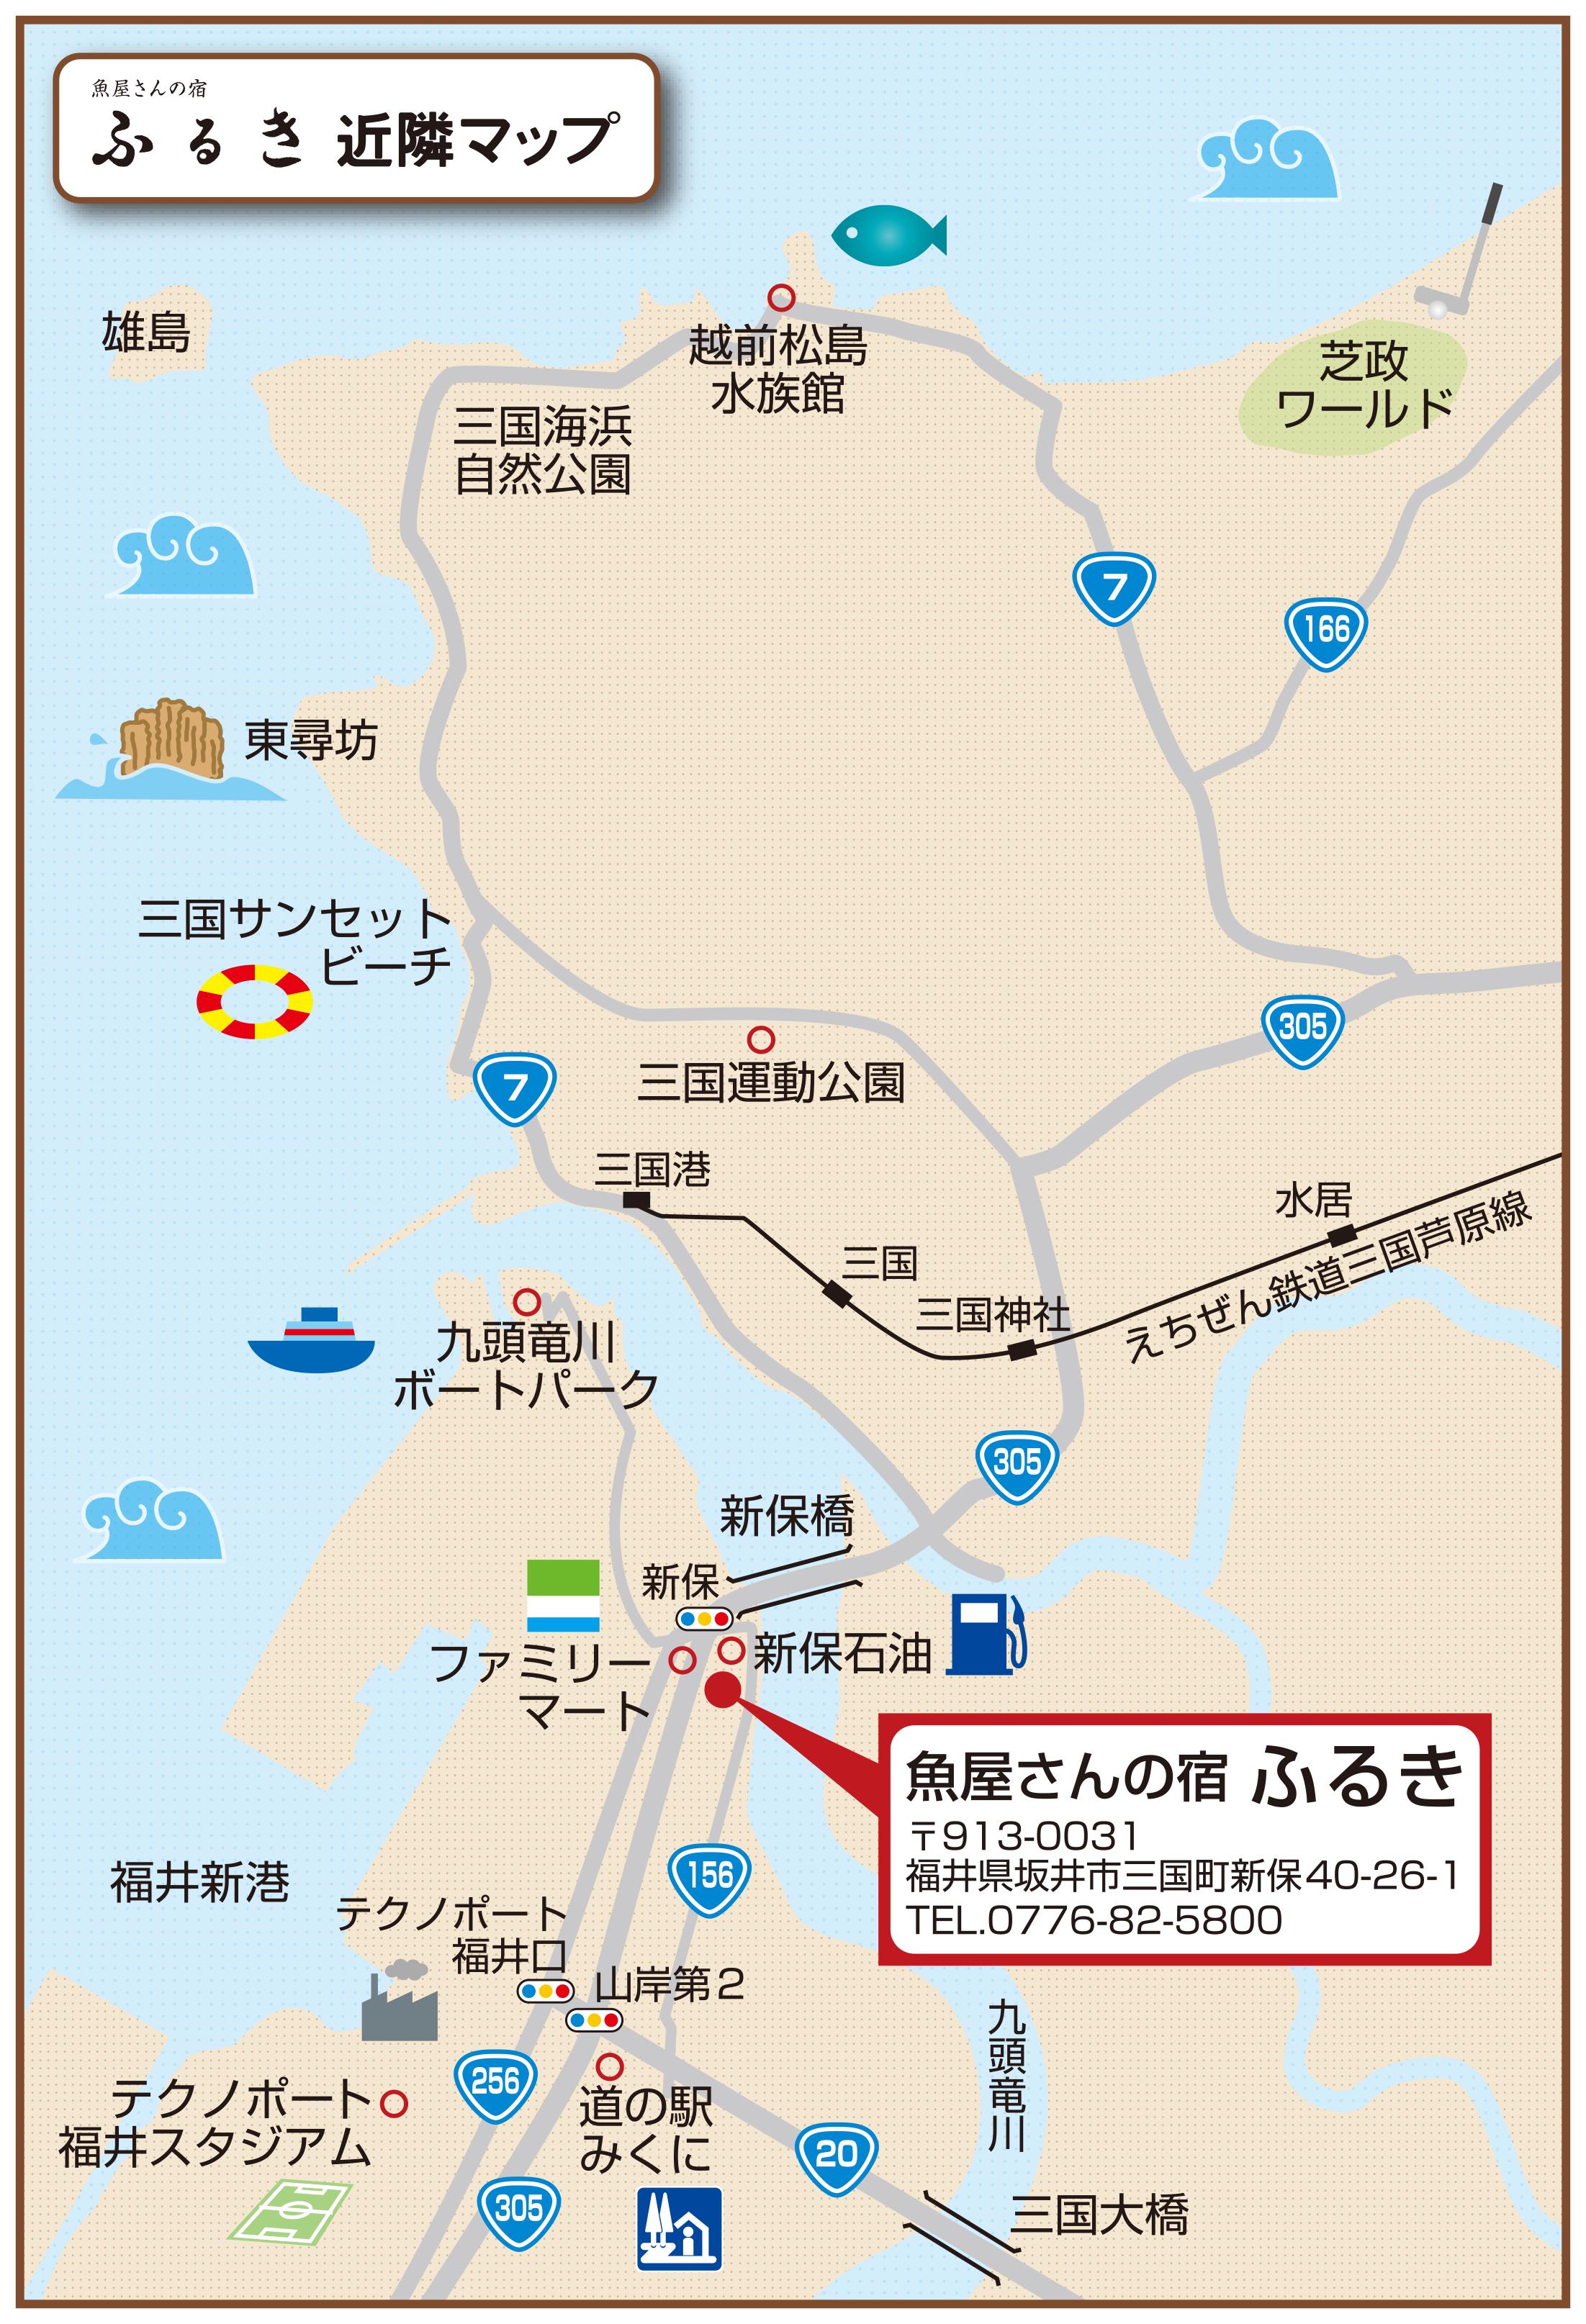 ふるき近隣マップ